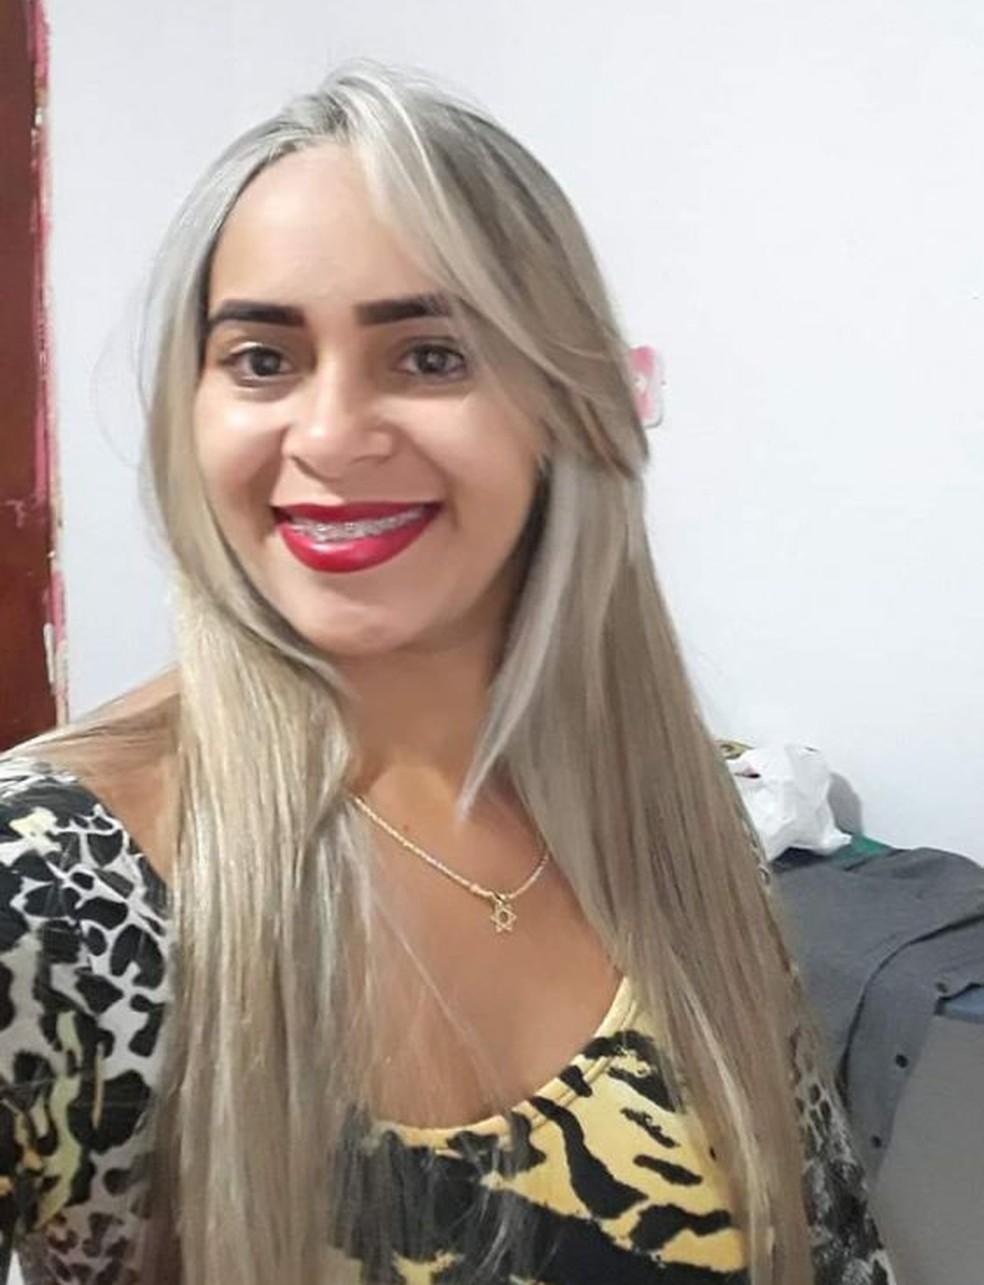 Rayra dos Santos Feitosa, de 25 anos, era dona de uma pizzaria em Presidente Dutra (MA) — Foto: Divulgação/Polícia